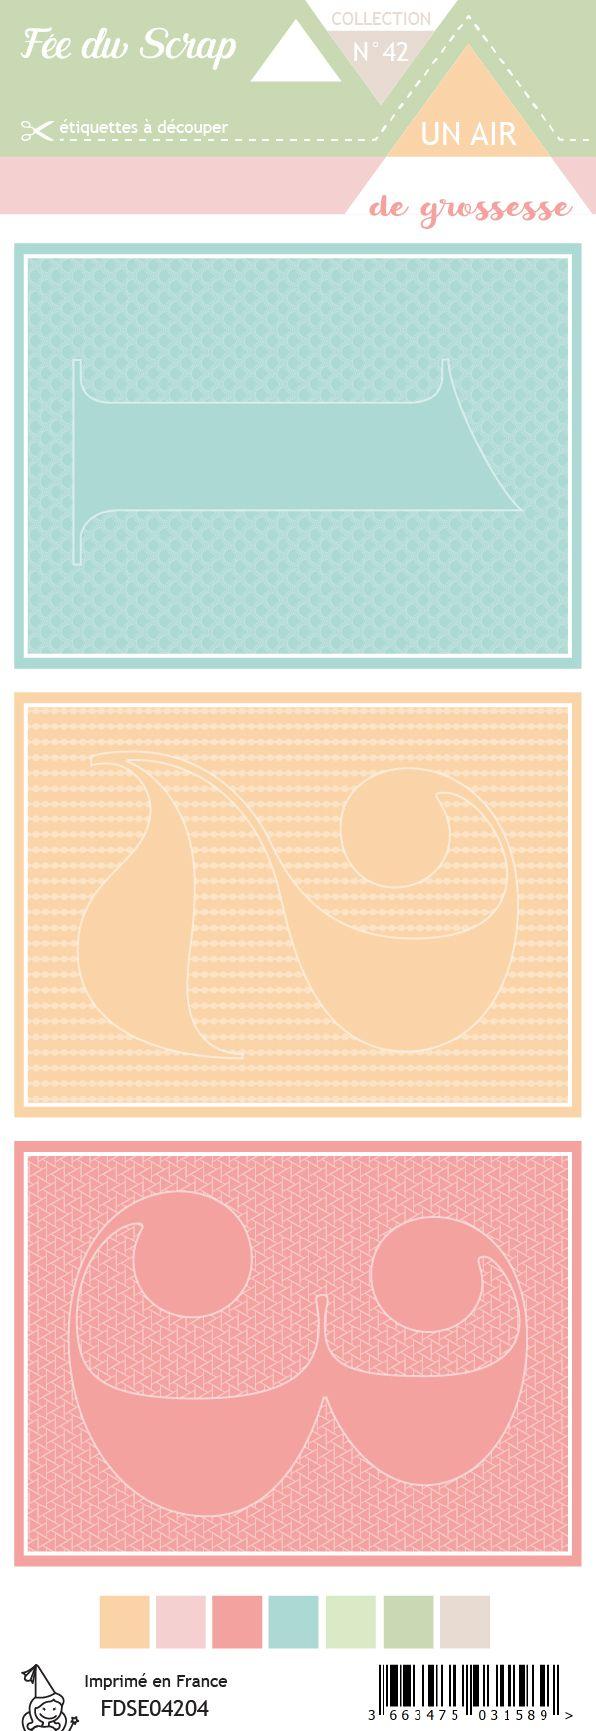 Etiquette un air de grossesse - Cartes project life 1 2 3